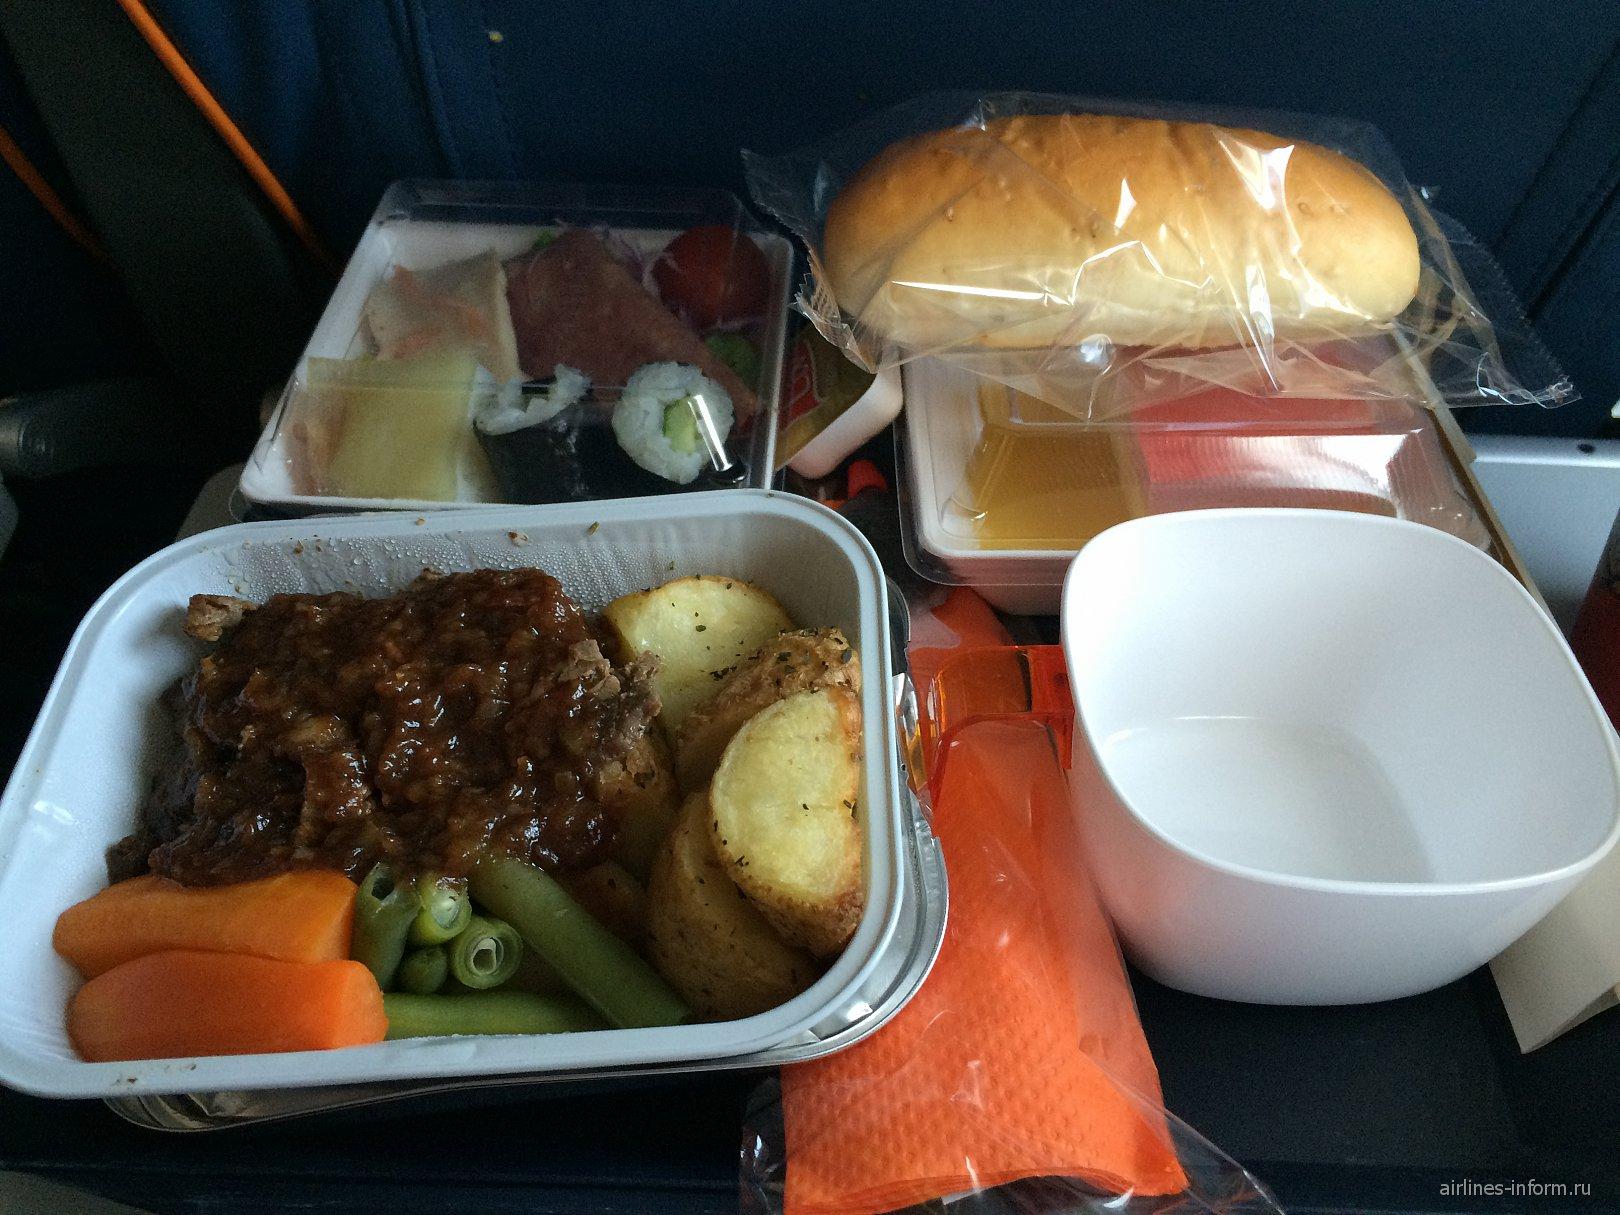 Бортовое питание на рейсе Москва-Токио авиакомпании